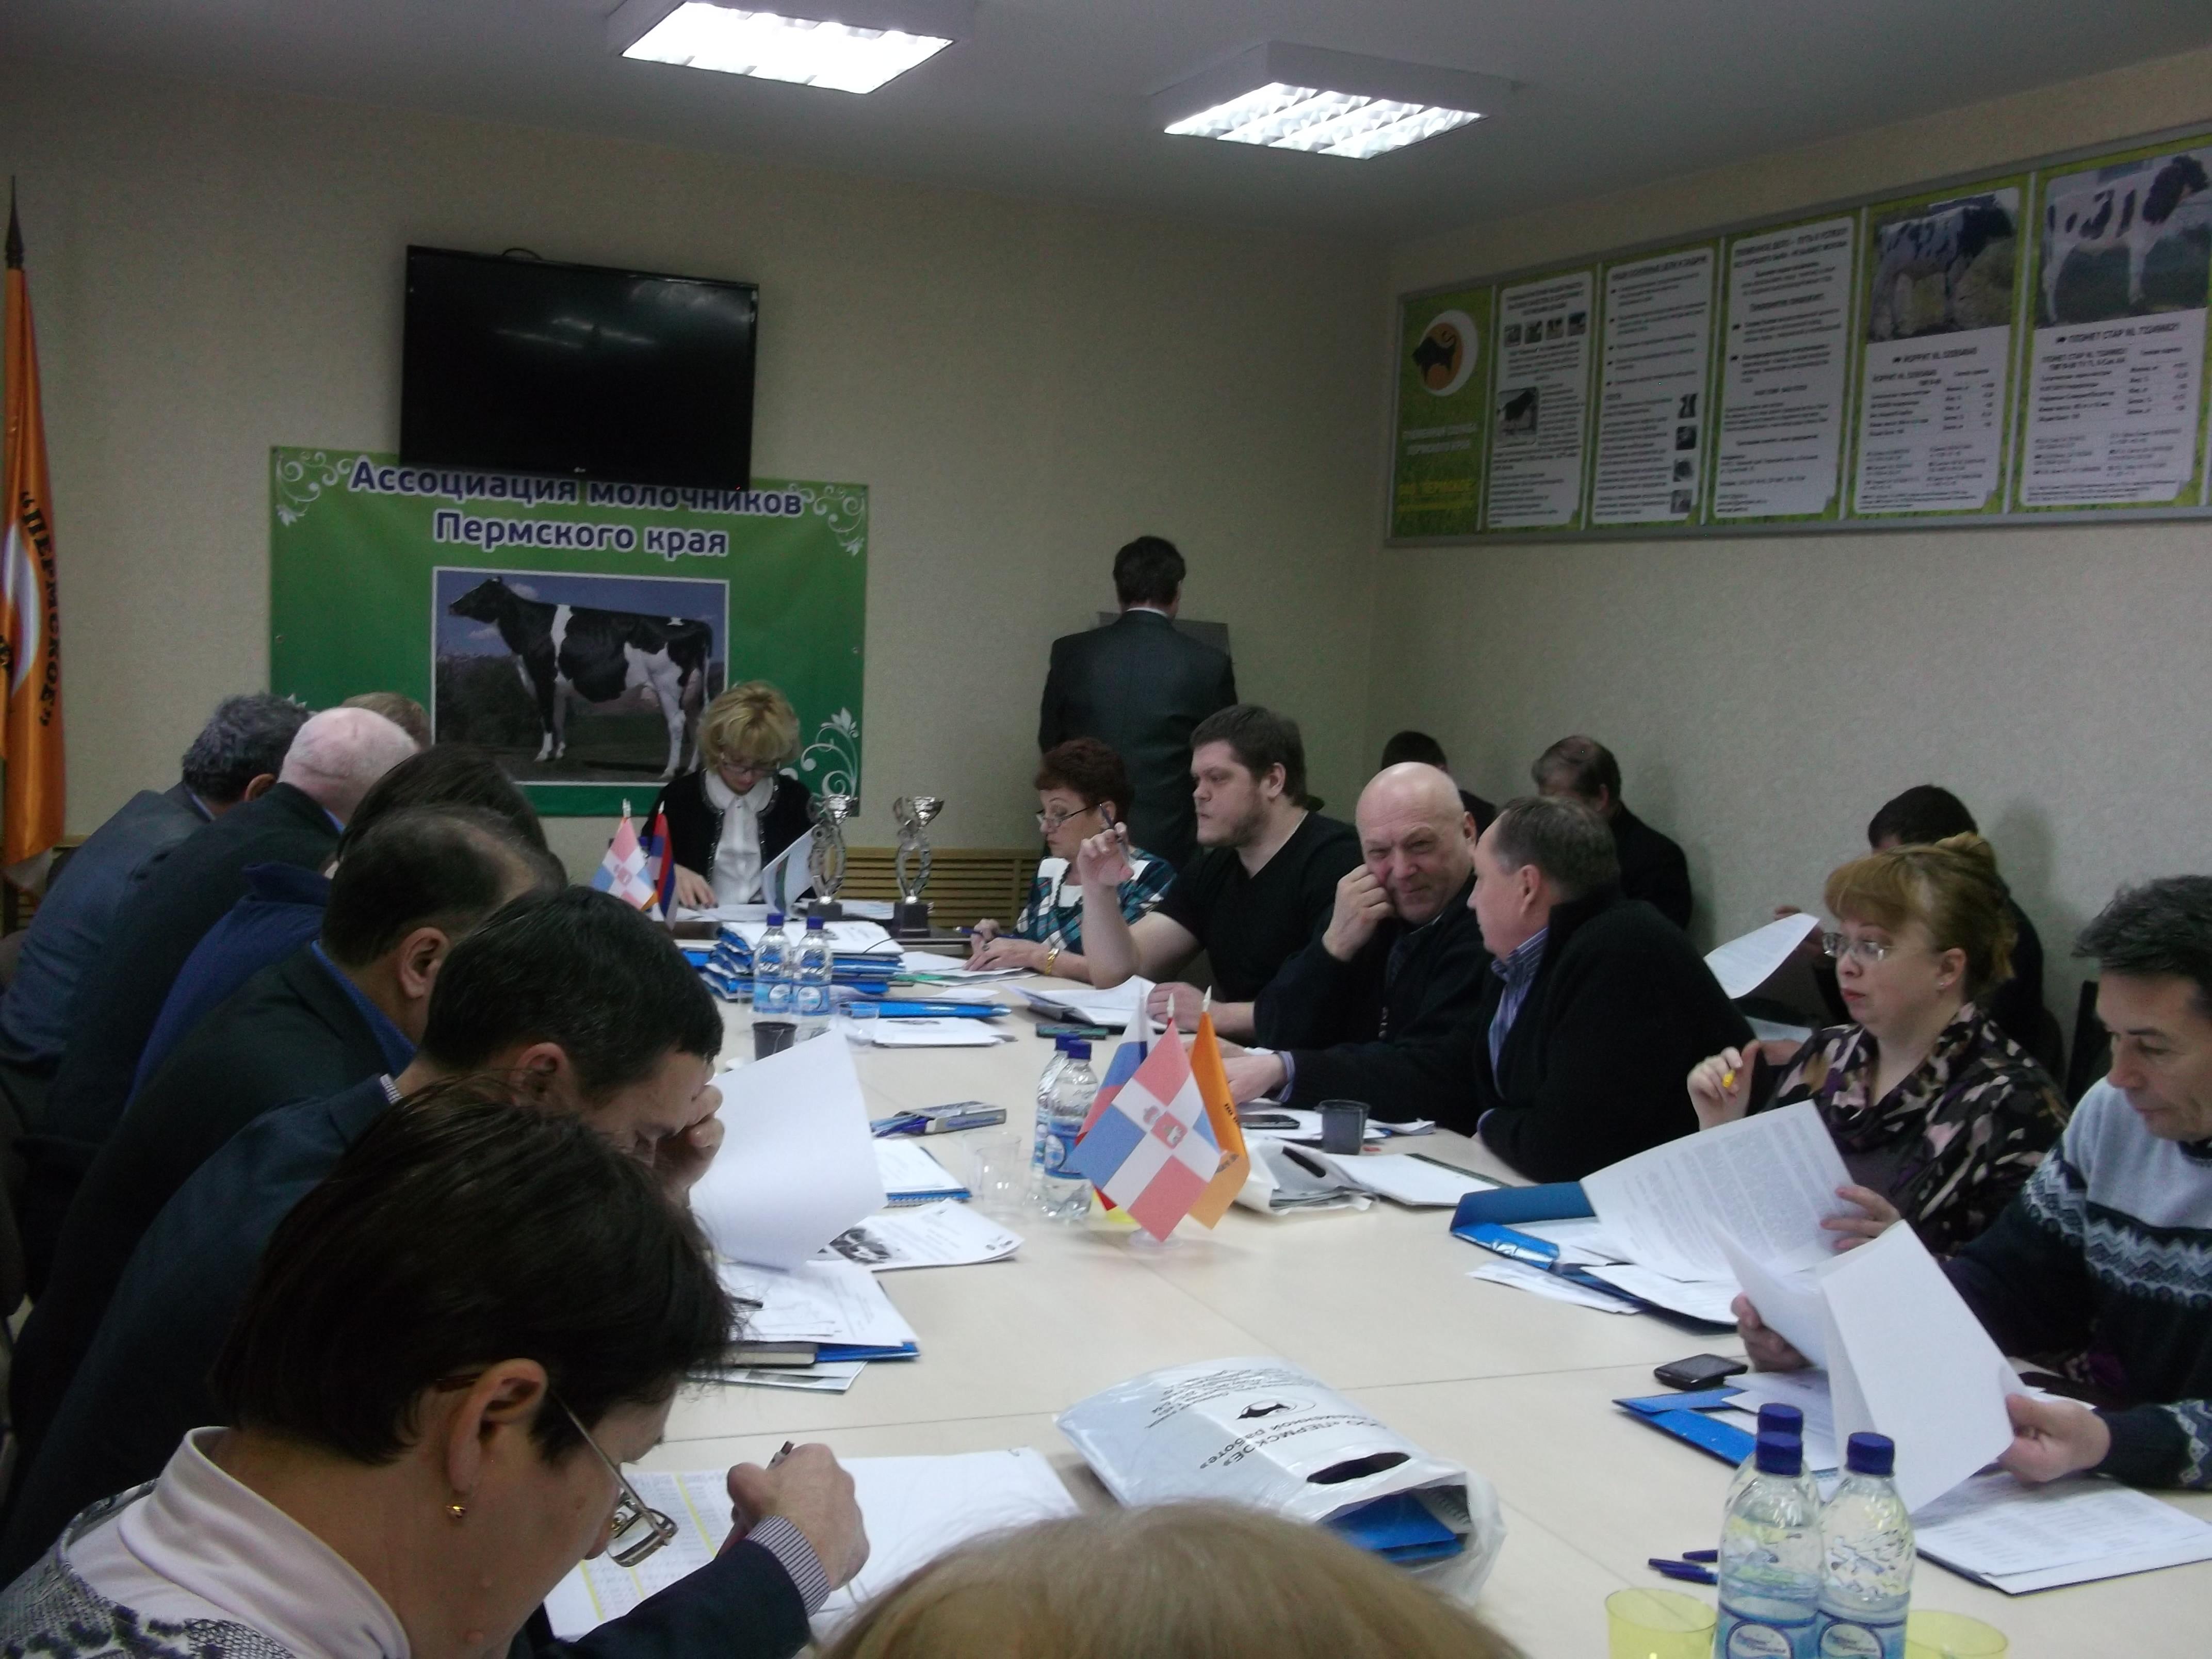 Прошло годовое отчетное собрание Ассоциации молочников Пермского края